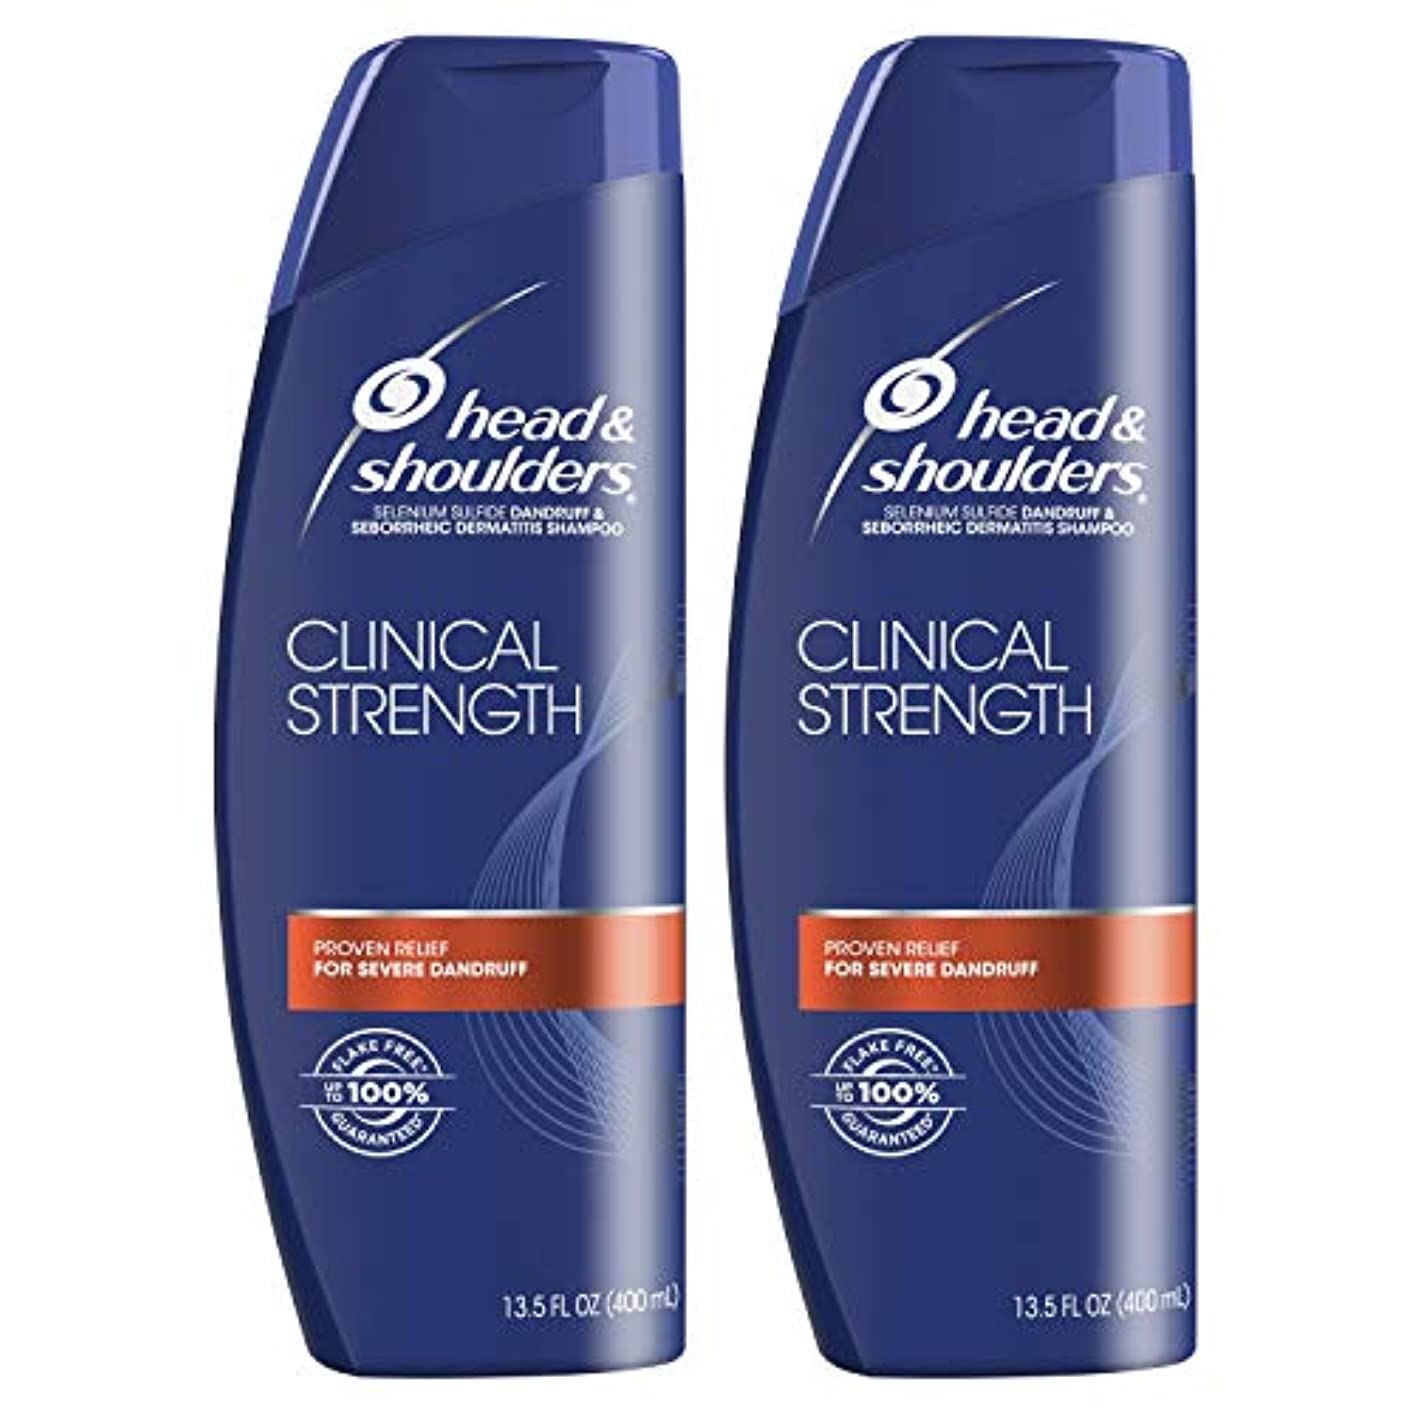 裏切り故国最適Head and Shoulders Clinical Strength Dandruff and Seborrheic Dermatitisシャンプー、13.5 FL OZ